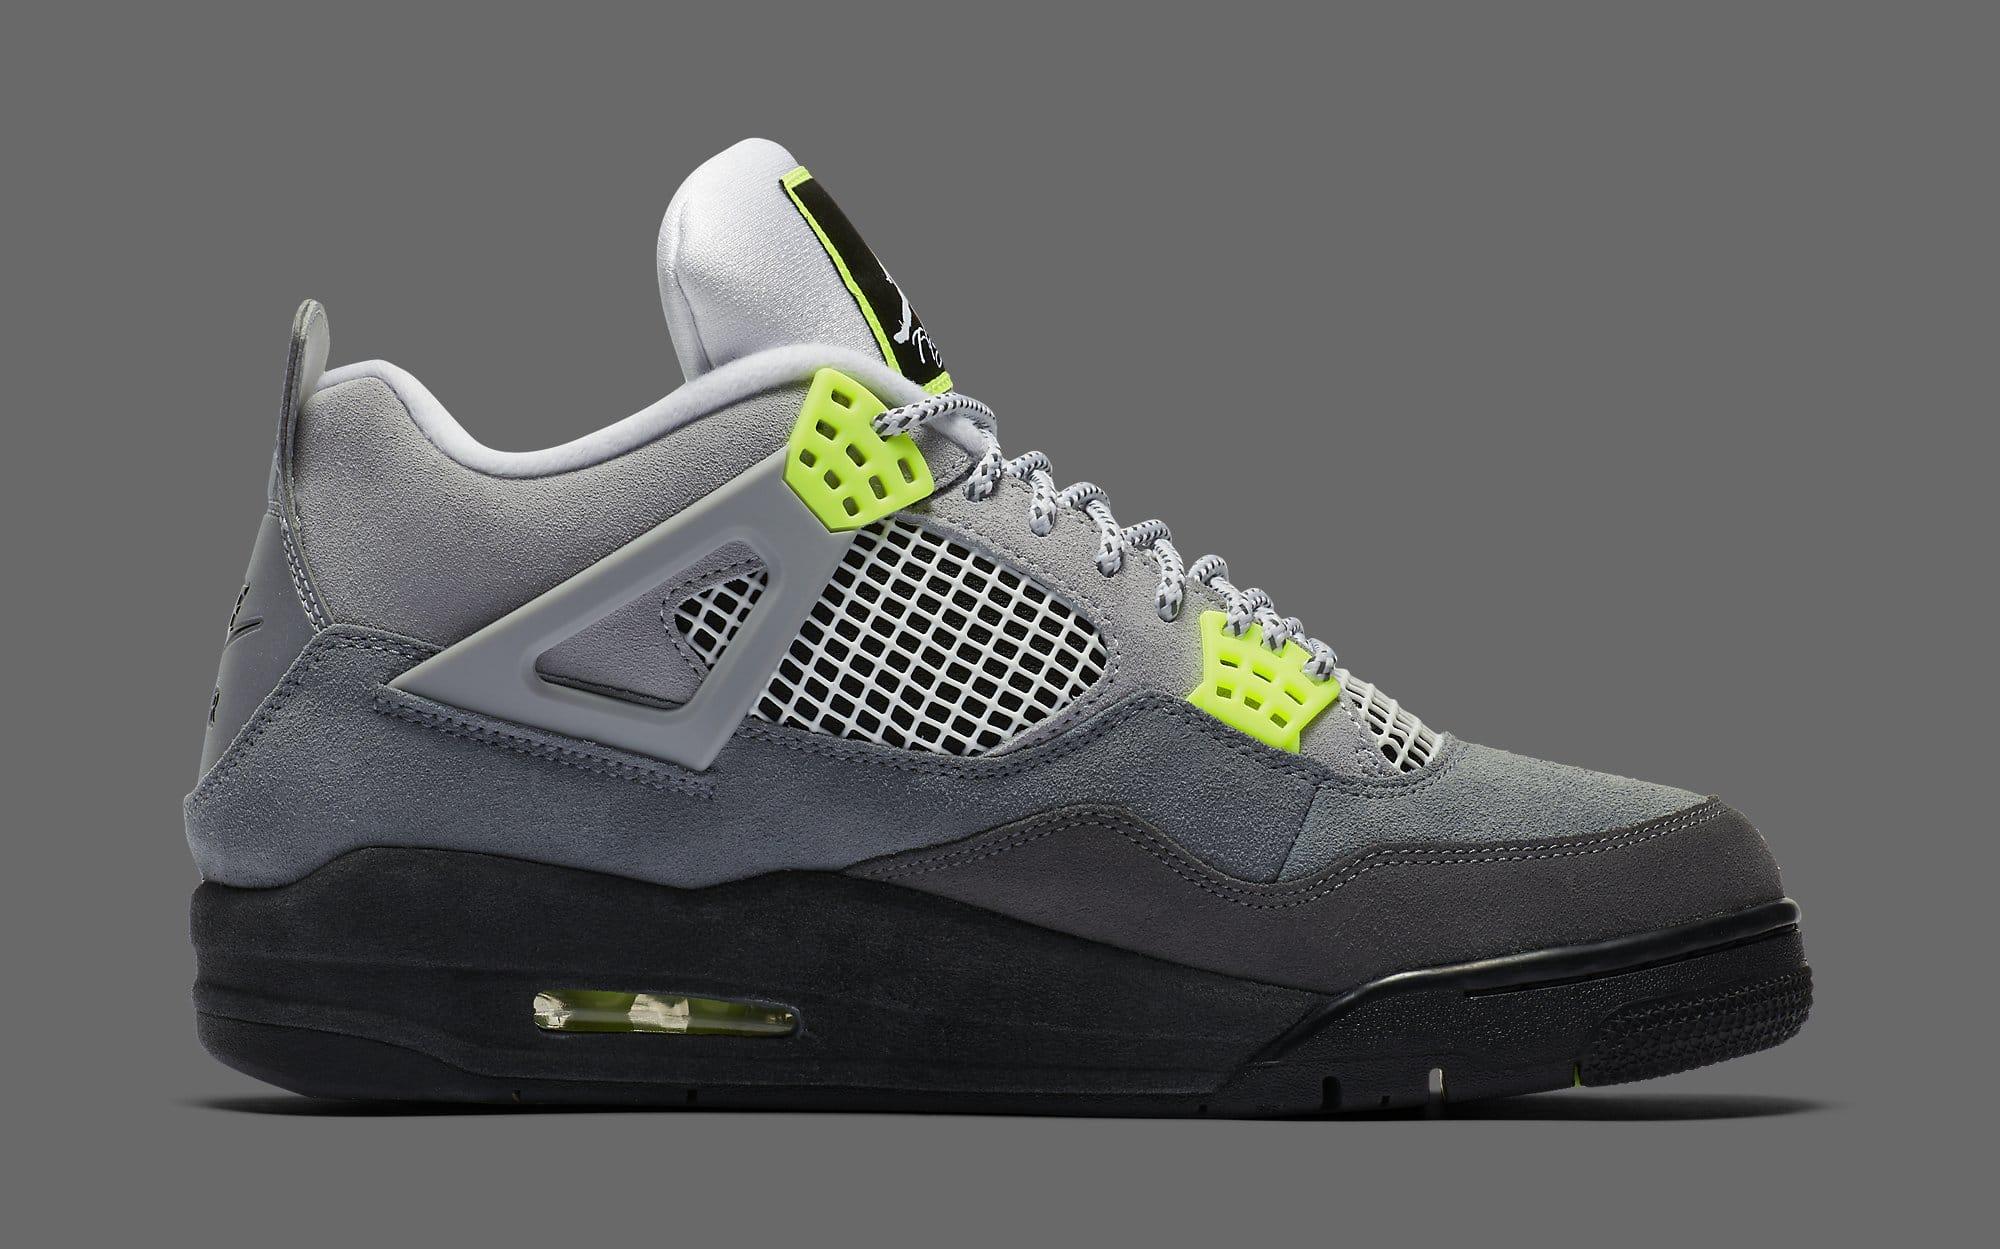 Air Jordan 4 Retro 'Neon' CT5342-007 Medial